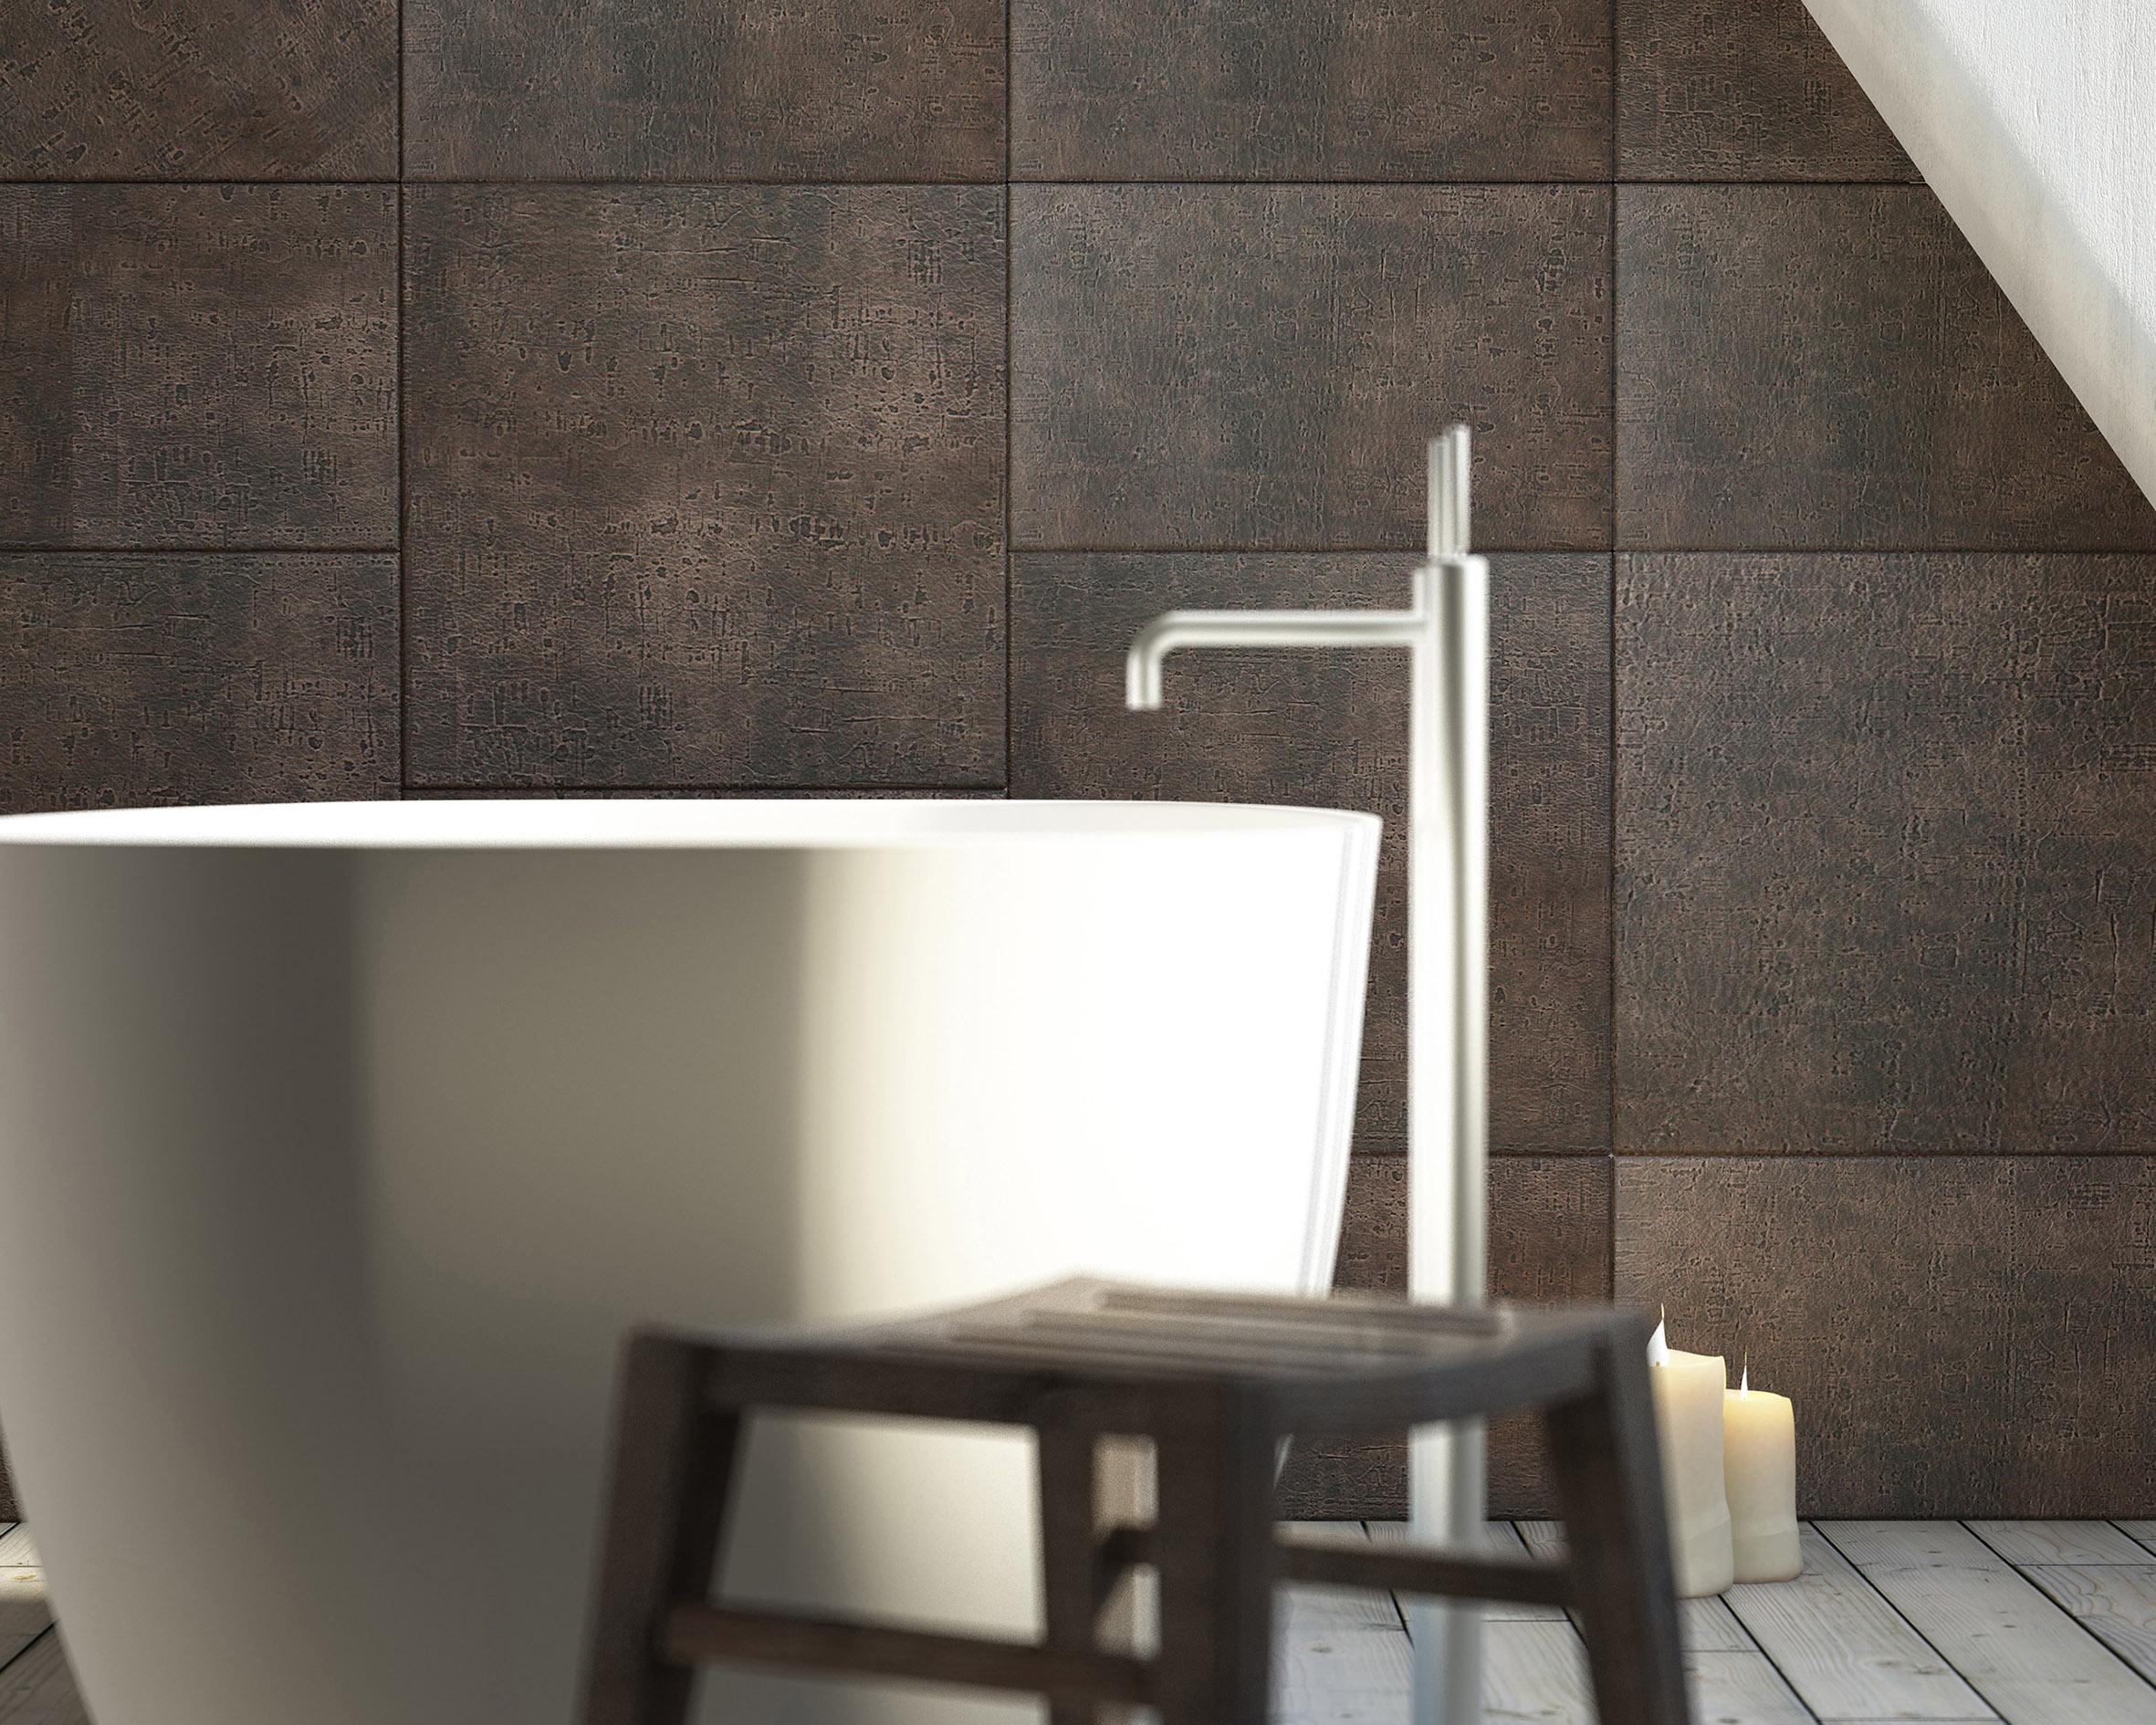 Tegels van leer in je badkamer - Inspiraties - ShowHome.nl